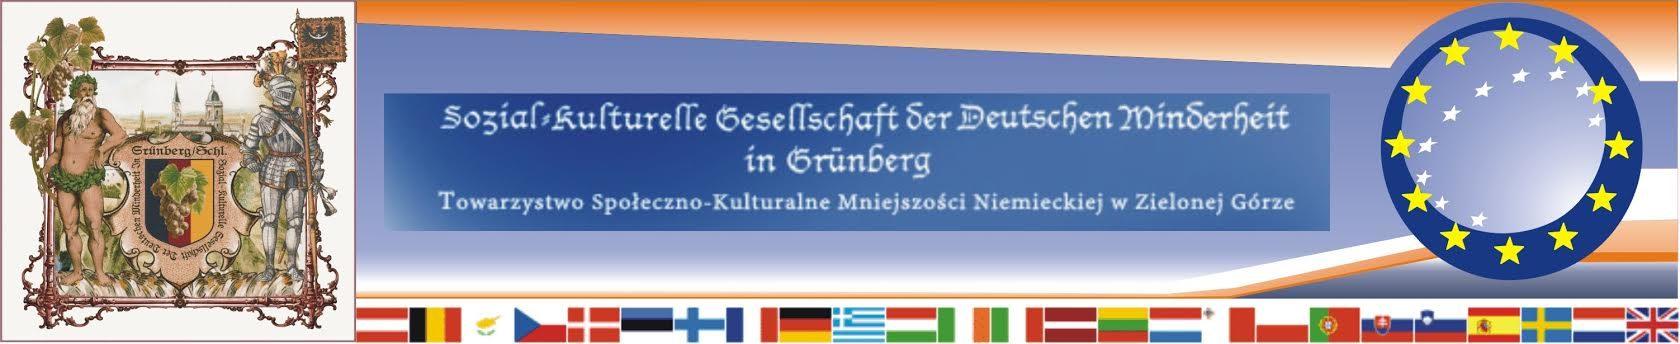 SKGDM Grünberg